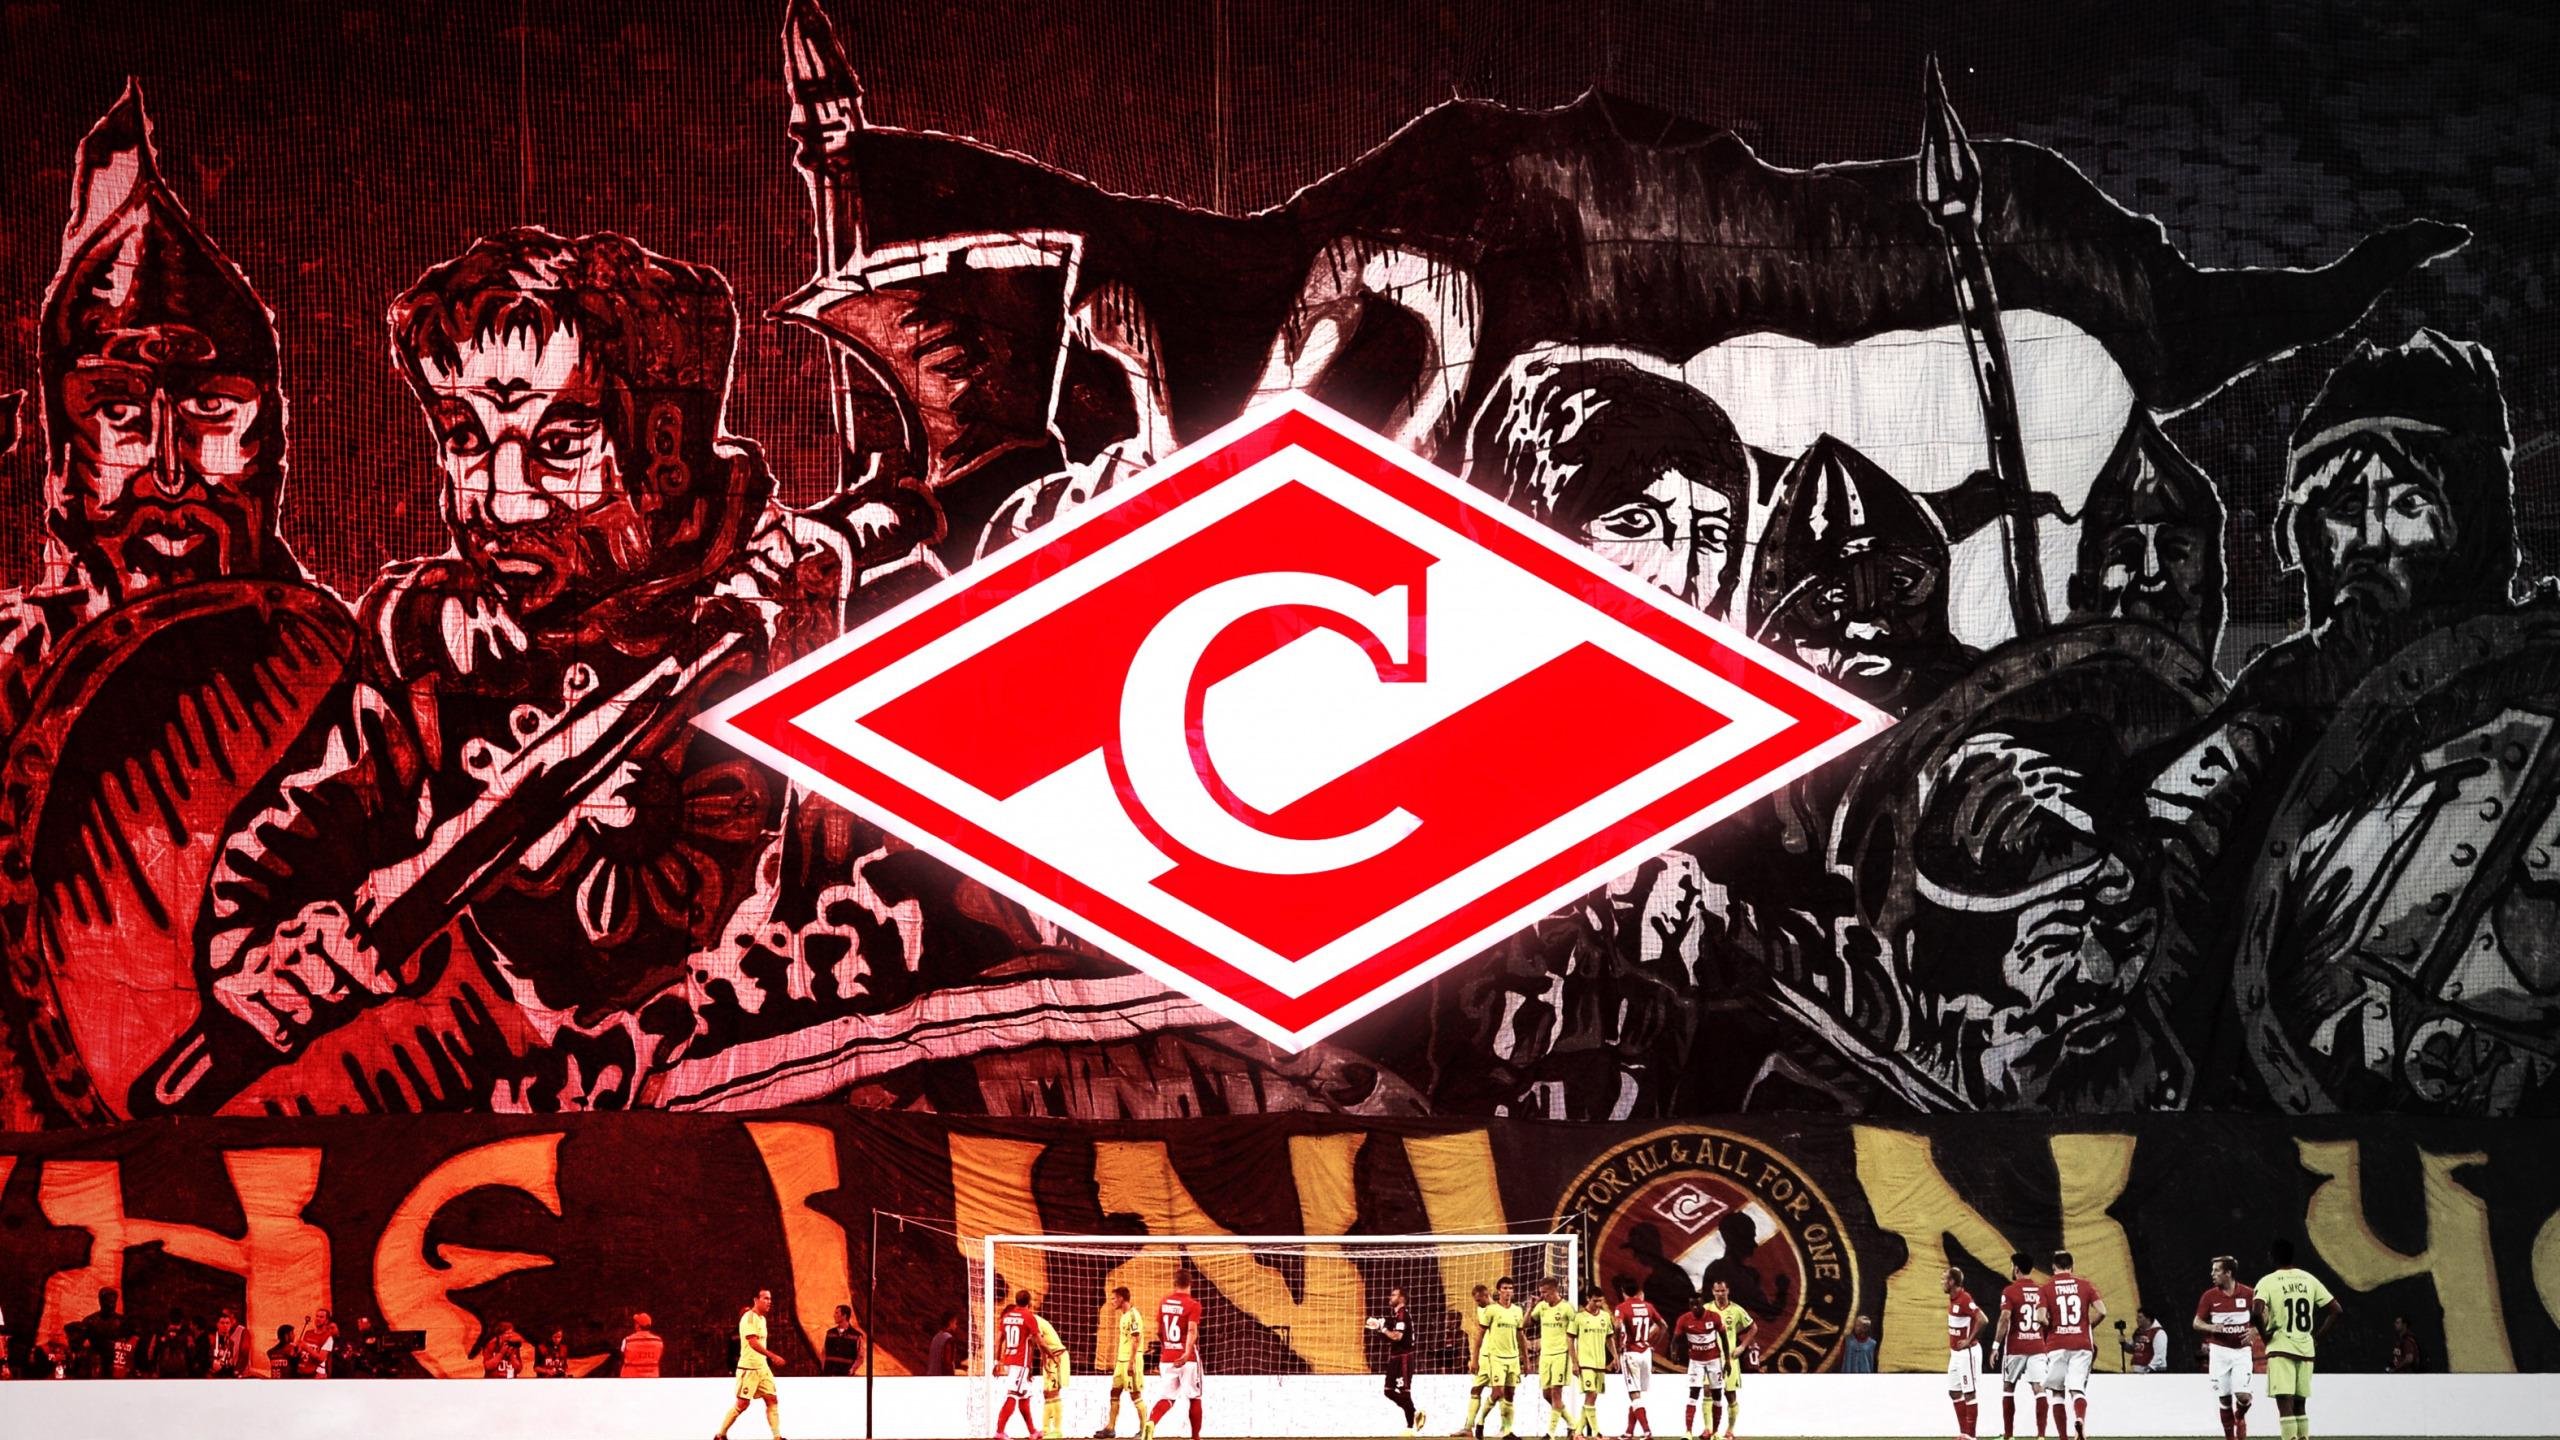 Обои спартак москва футбольный клуб фото голых девушек из стриптиз клуба